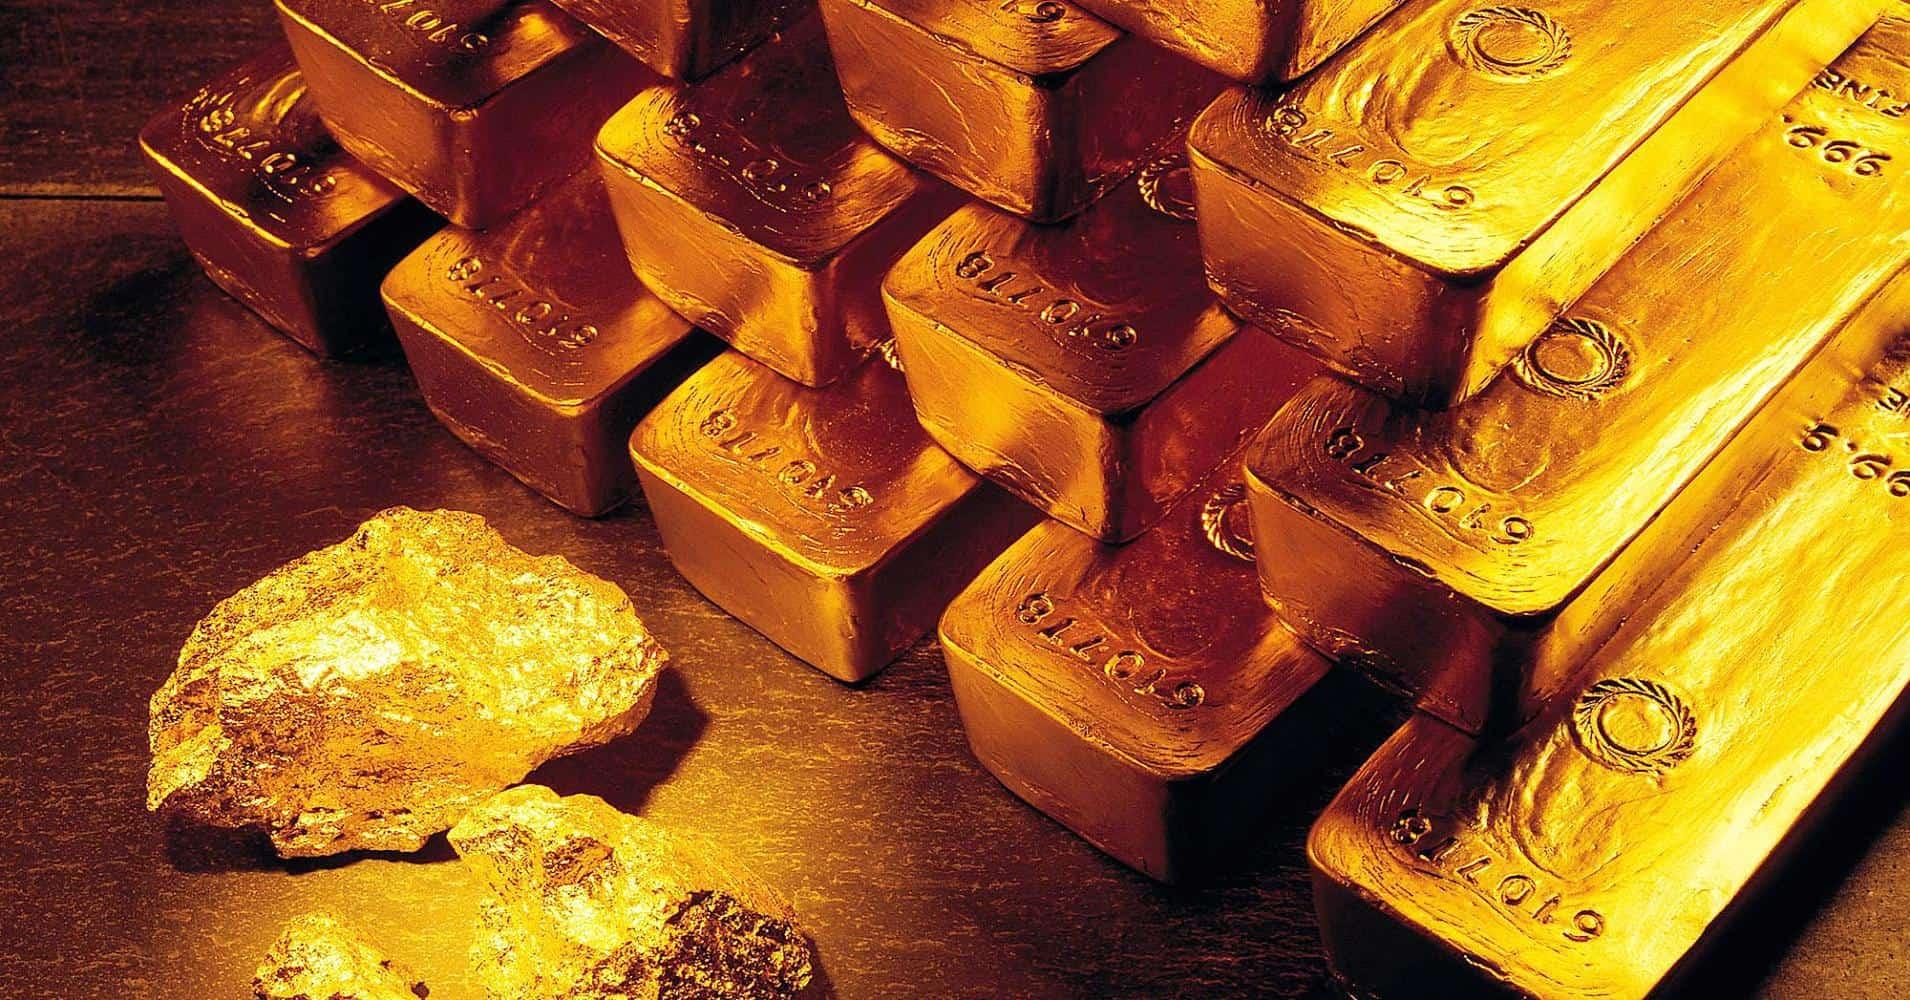 صور تفسير حلم الذهب , ما تفسير حلم الذهب فى المنام